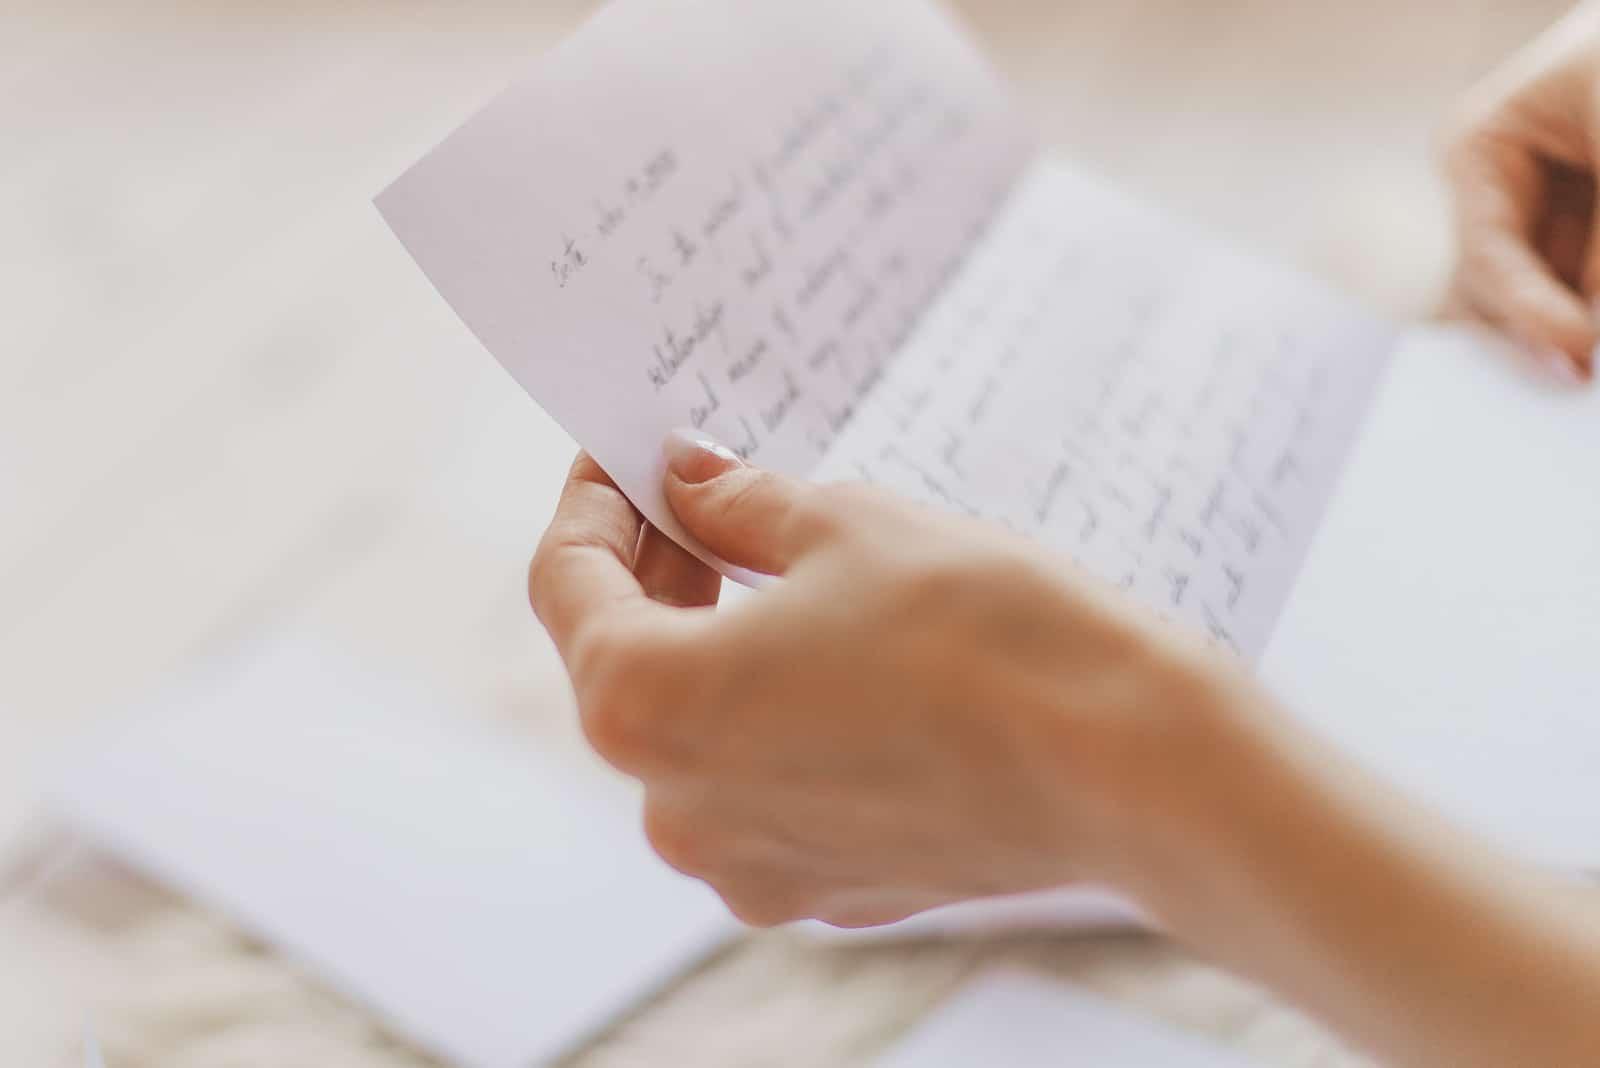 Hände der jungen Frau, die handgeschriebenen Brief hält